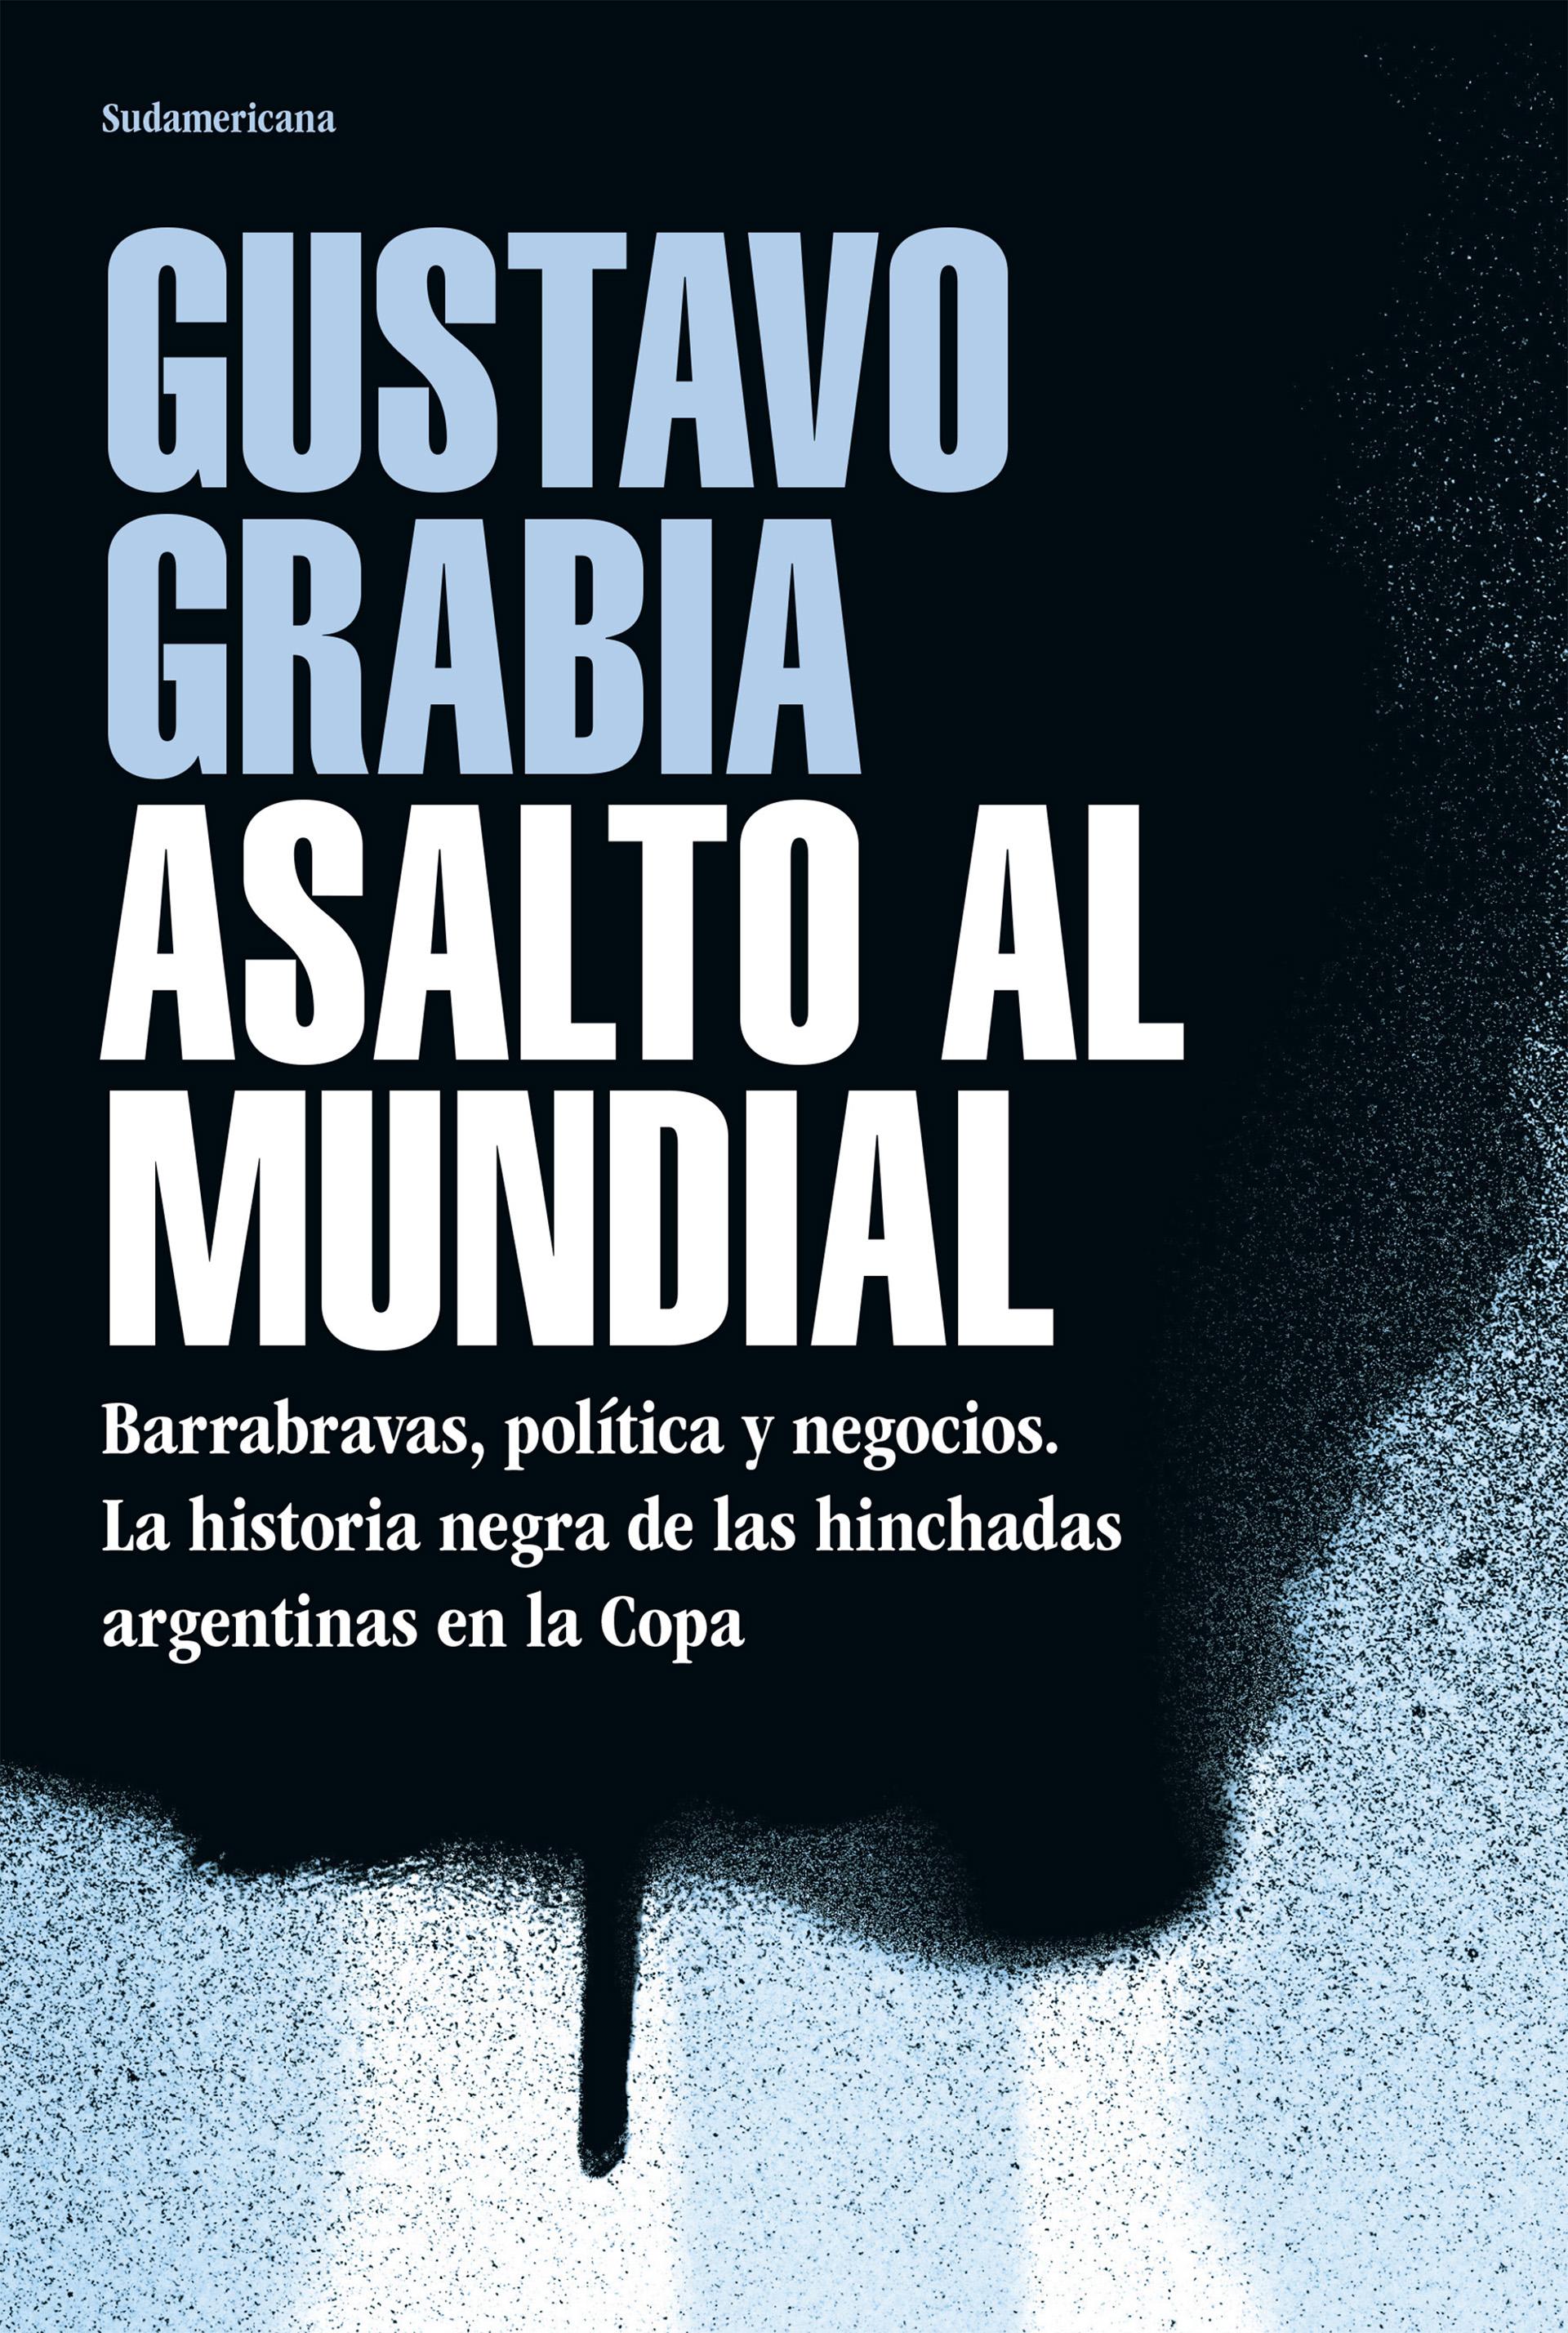 Portada de Asalto al mundial, el nuevo libro de Gustavo Grabia